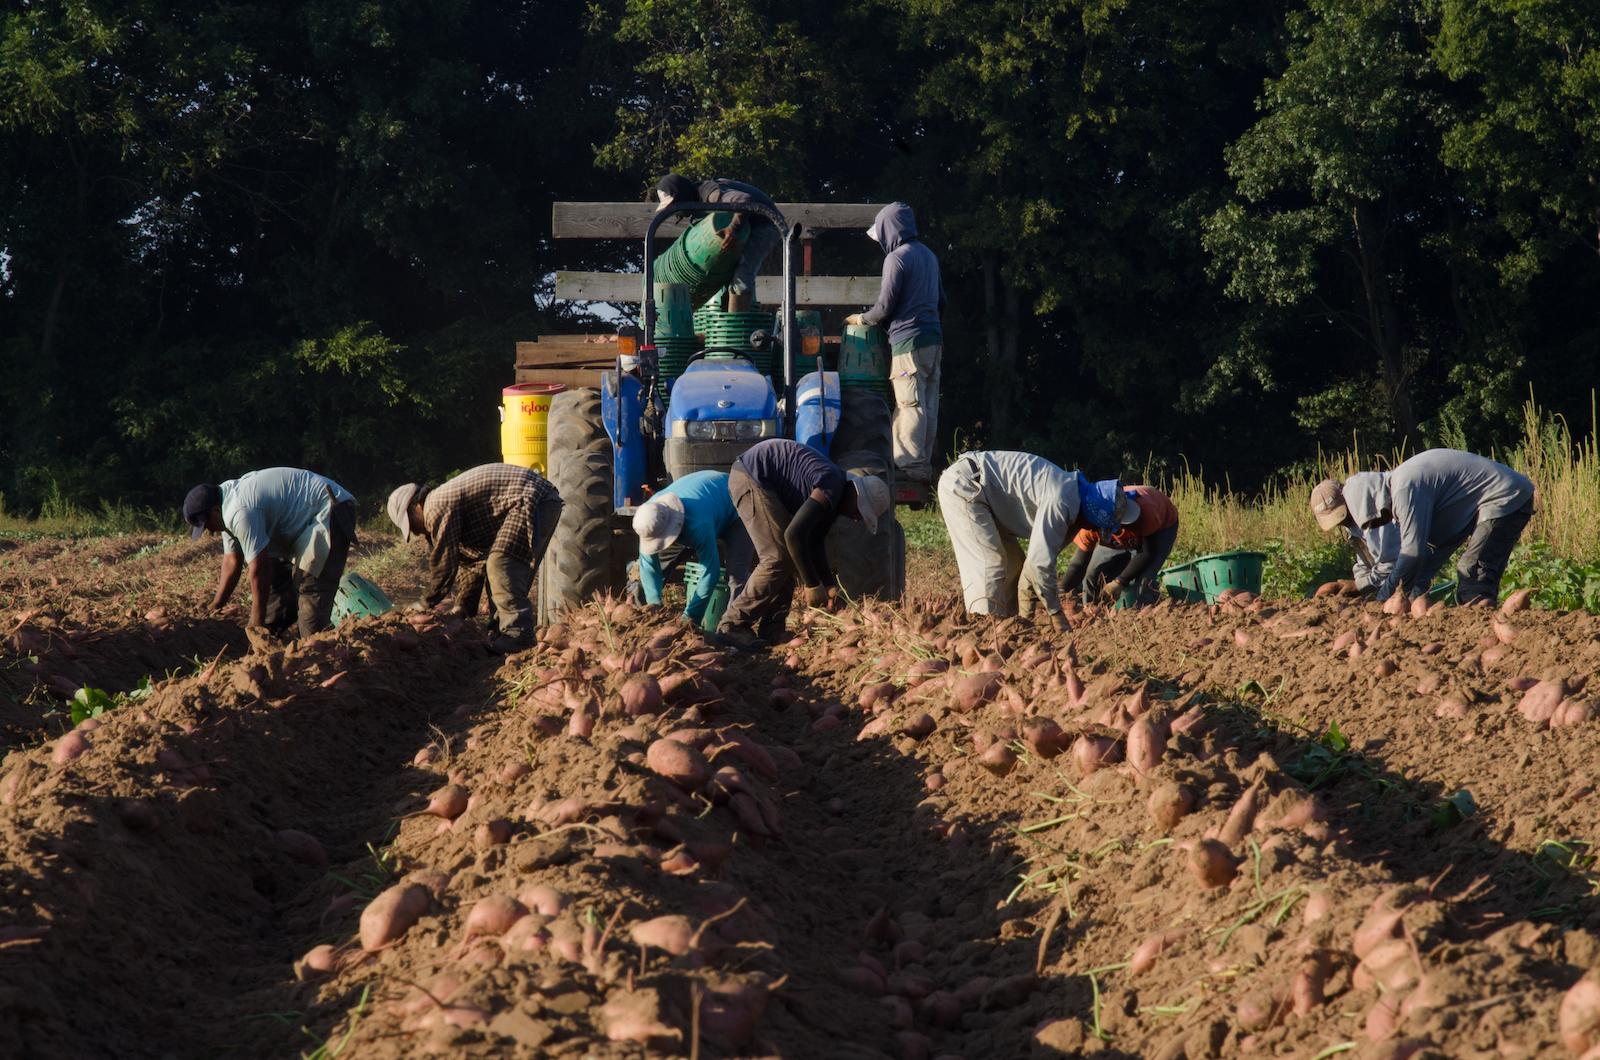 Migrant workers harvesting sweet potatoes in field